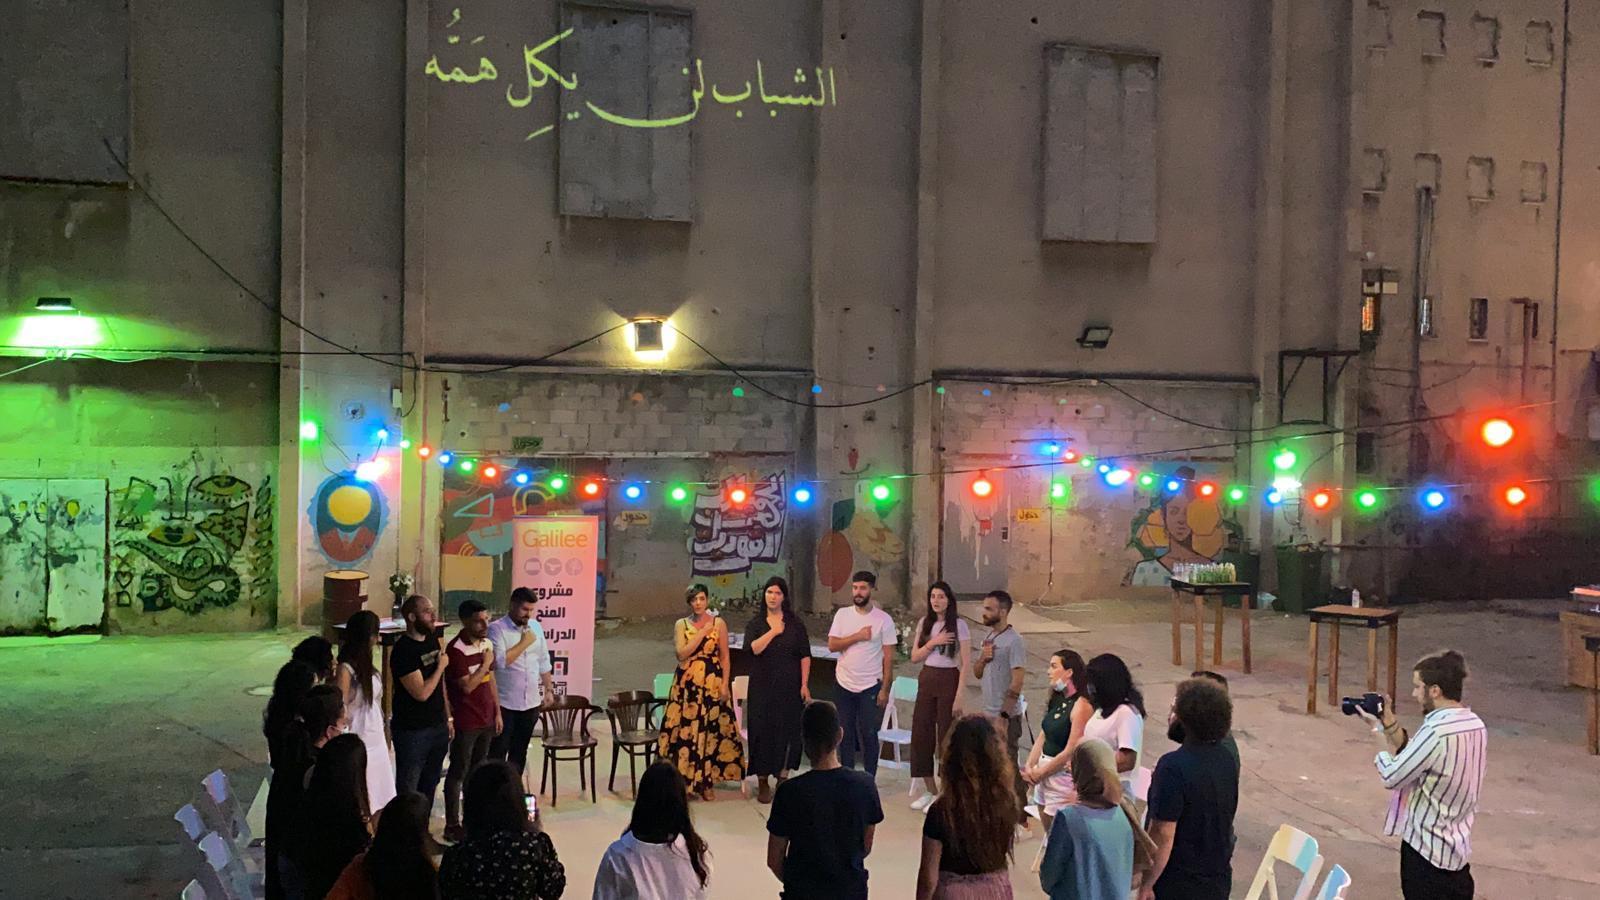 منحة روضة بشارة عطا الله تخرّج فوجًا جديدًا من طلّابها